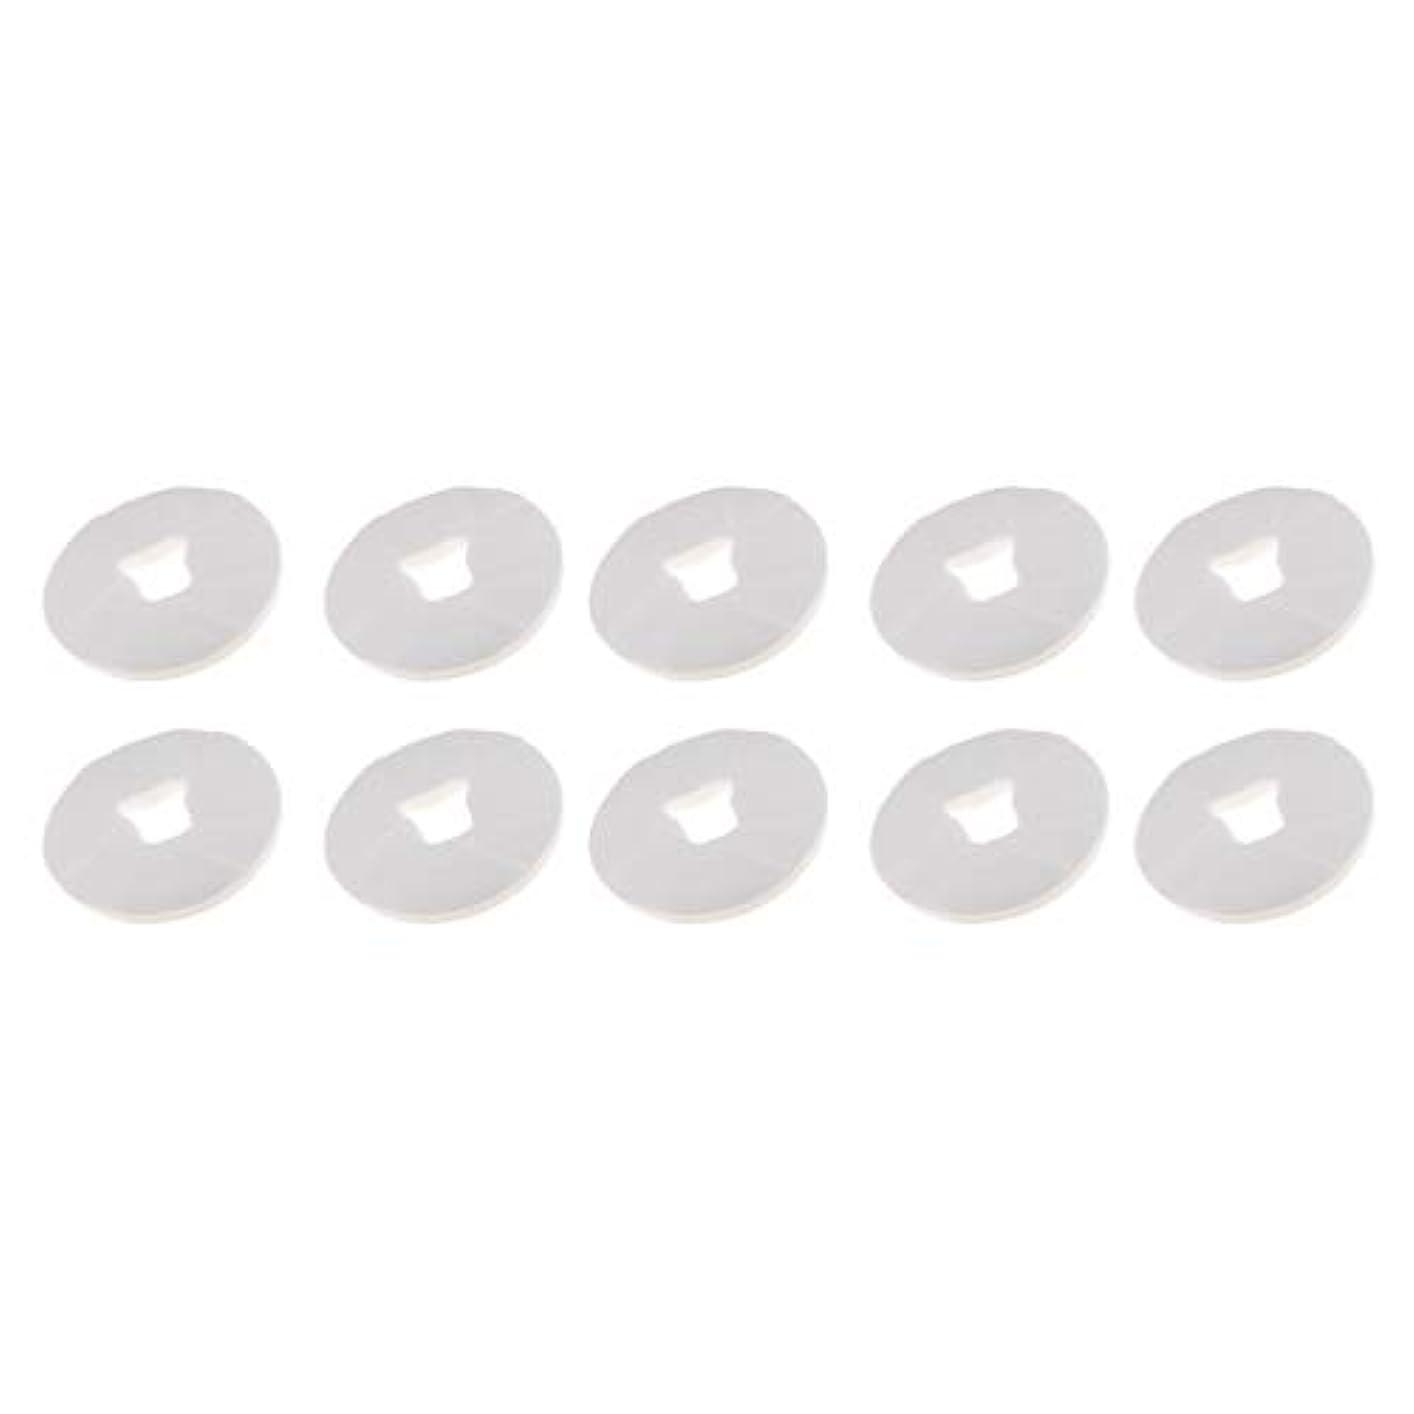 コンパクト姿勢すずめKESOTO 約1000個 使い捨てピローカバー フェイスカバー 枕カバー 不織布PP マッサージサロン 旅行用